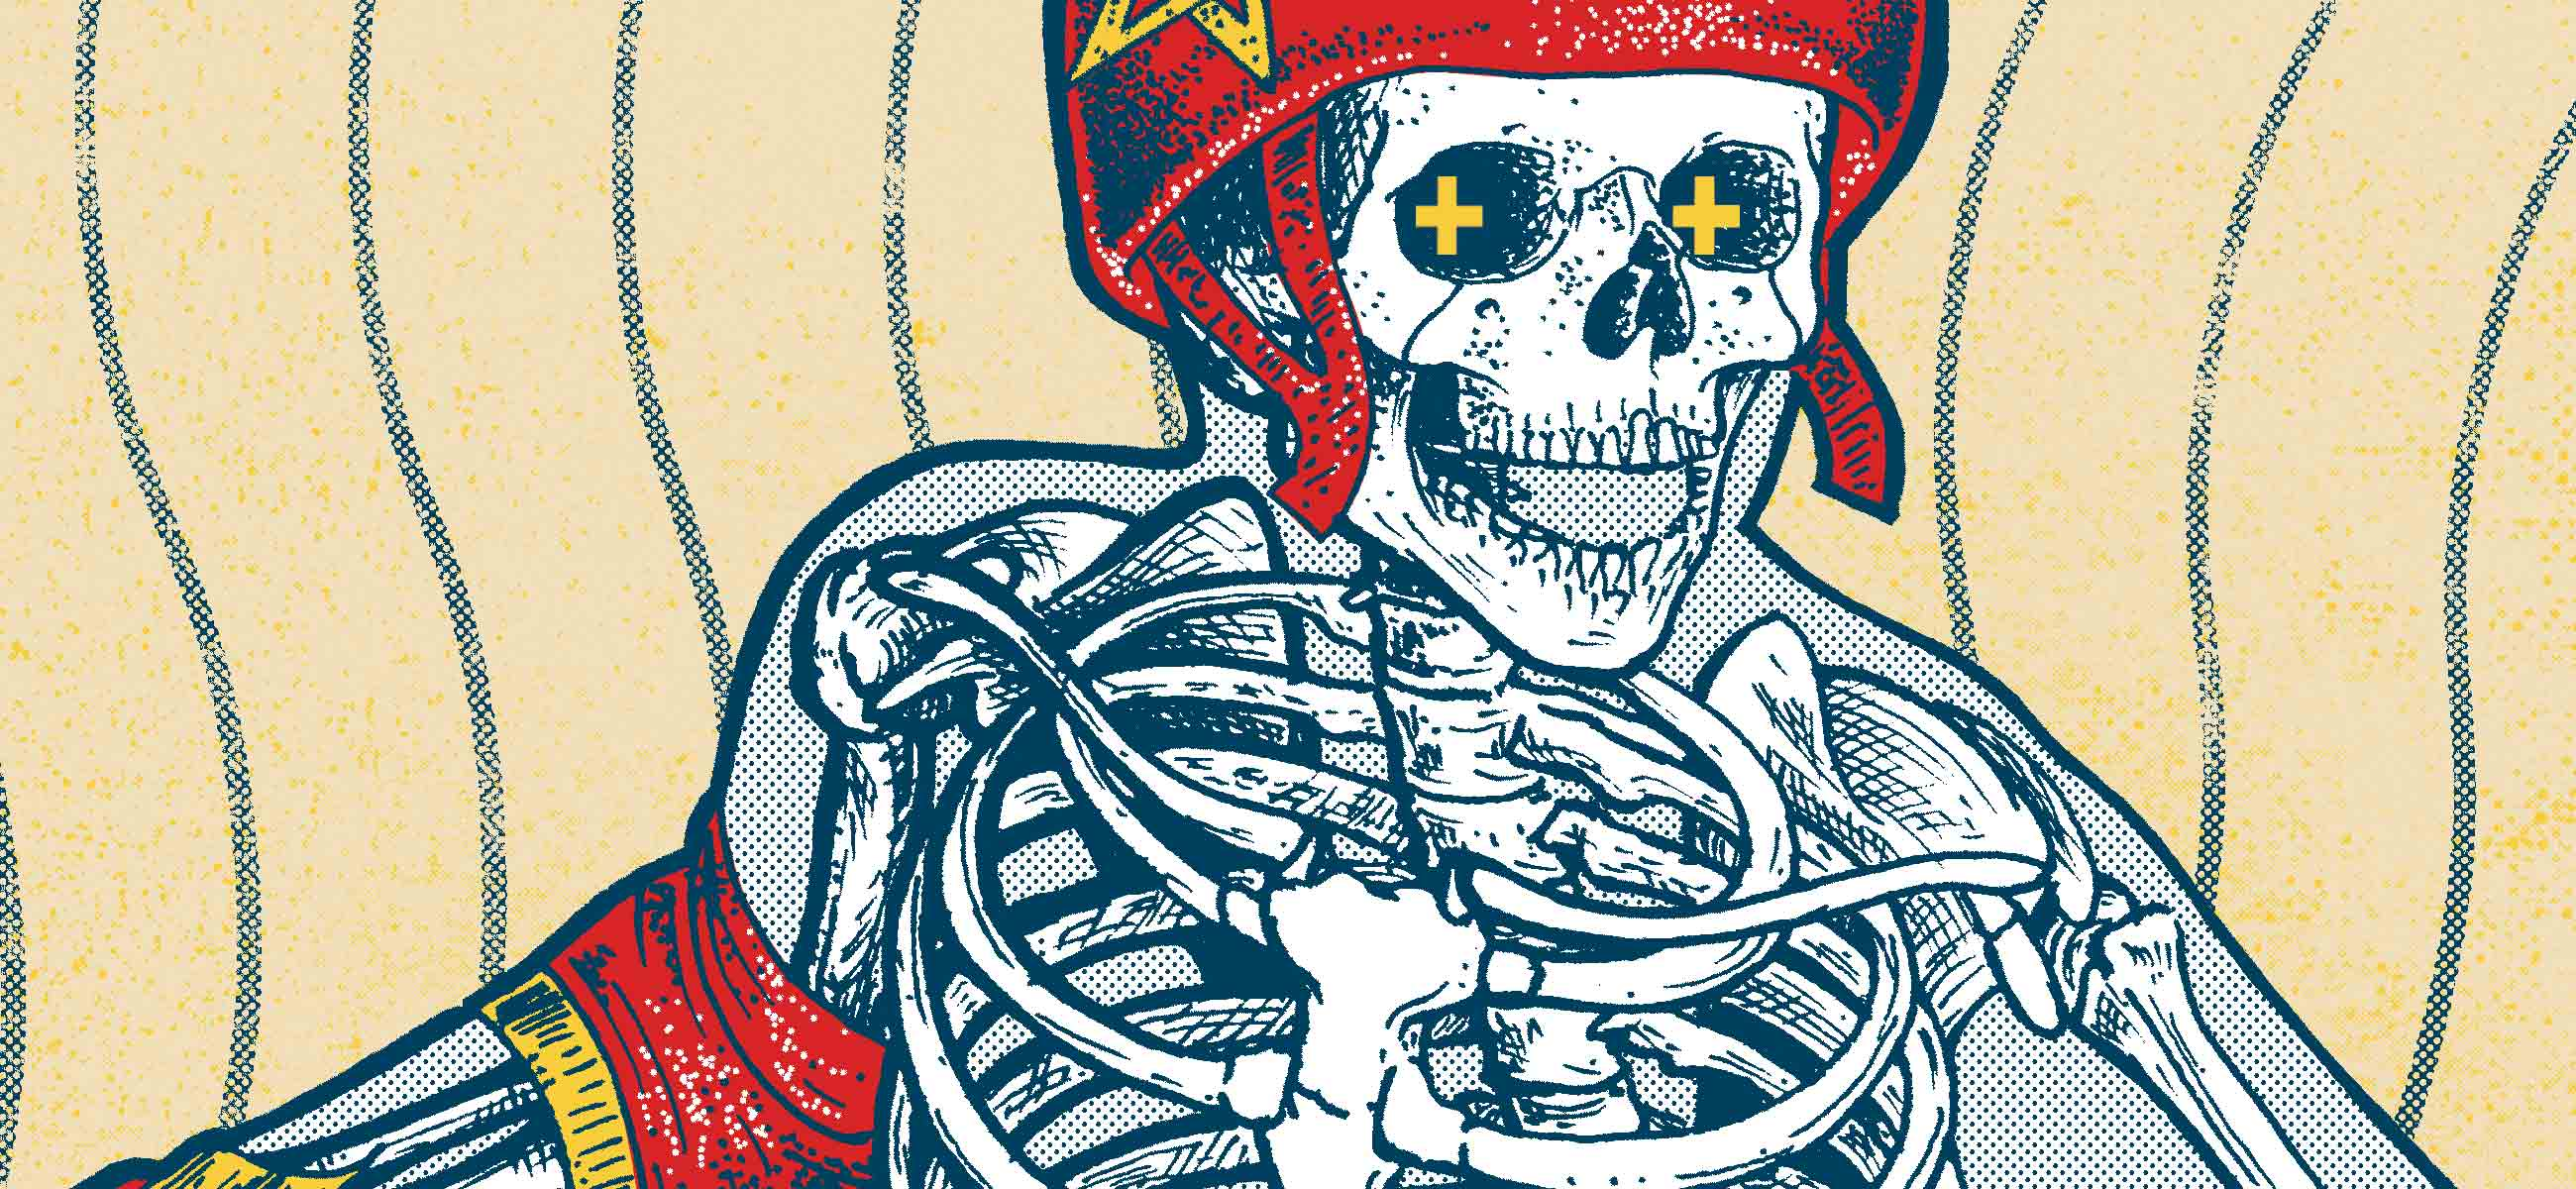 derby_till_death_01_parallele_graphique